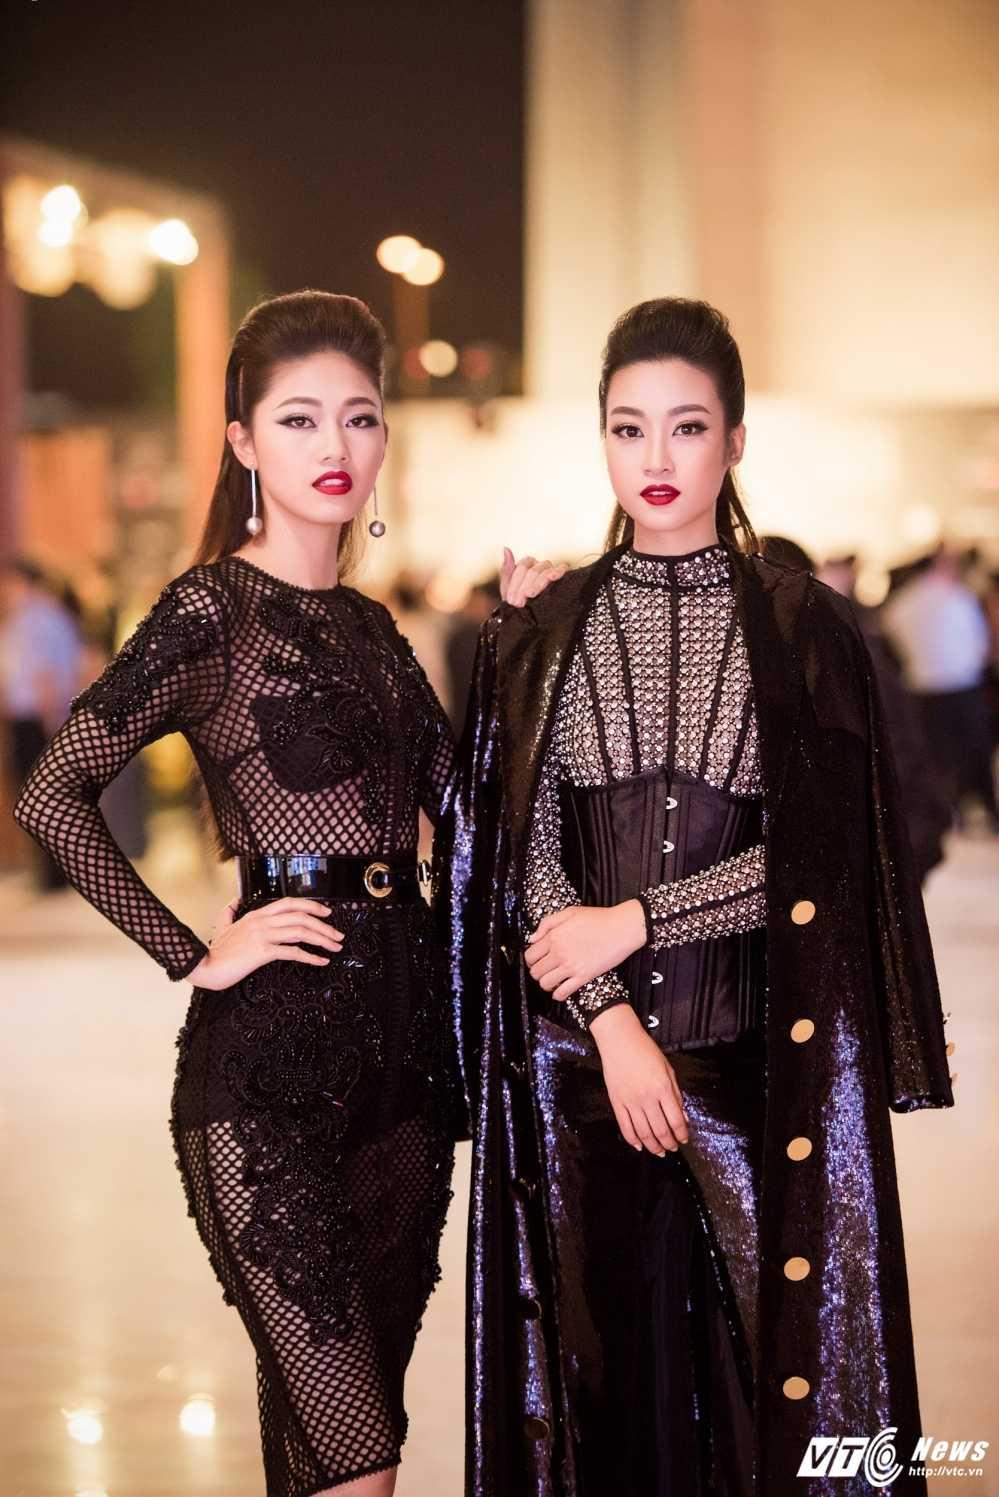 Hoa hau My Linh 'lot xac' ca tinh, A hau Thanh Tu mac goi cam tao bao hinh anh 1